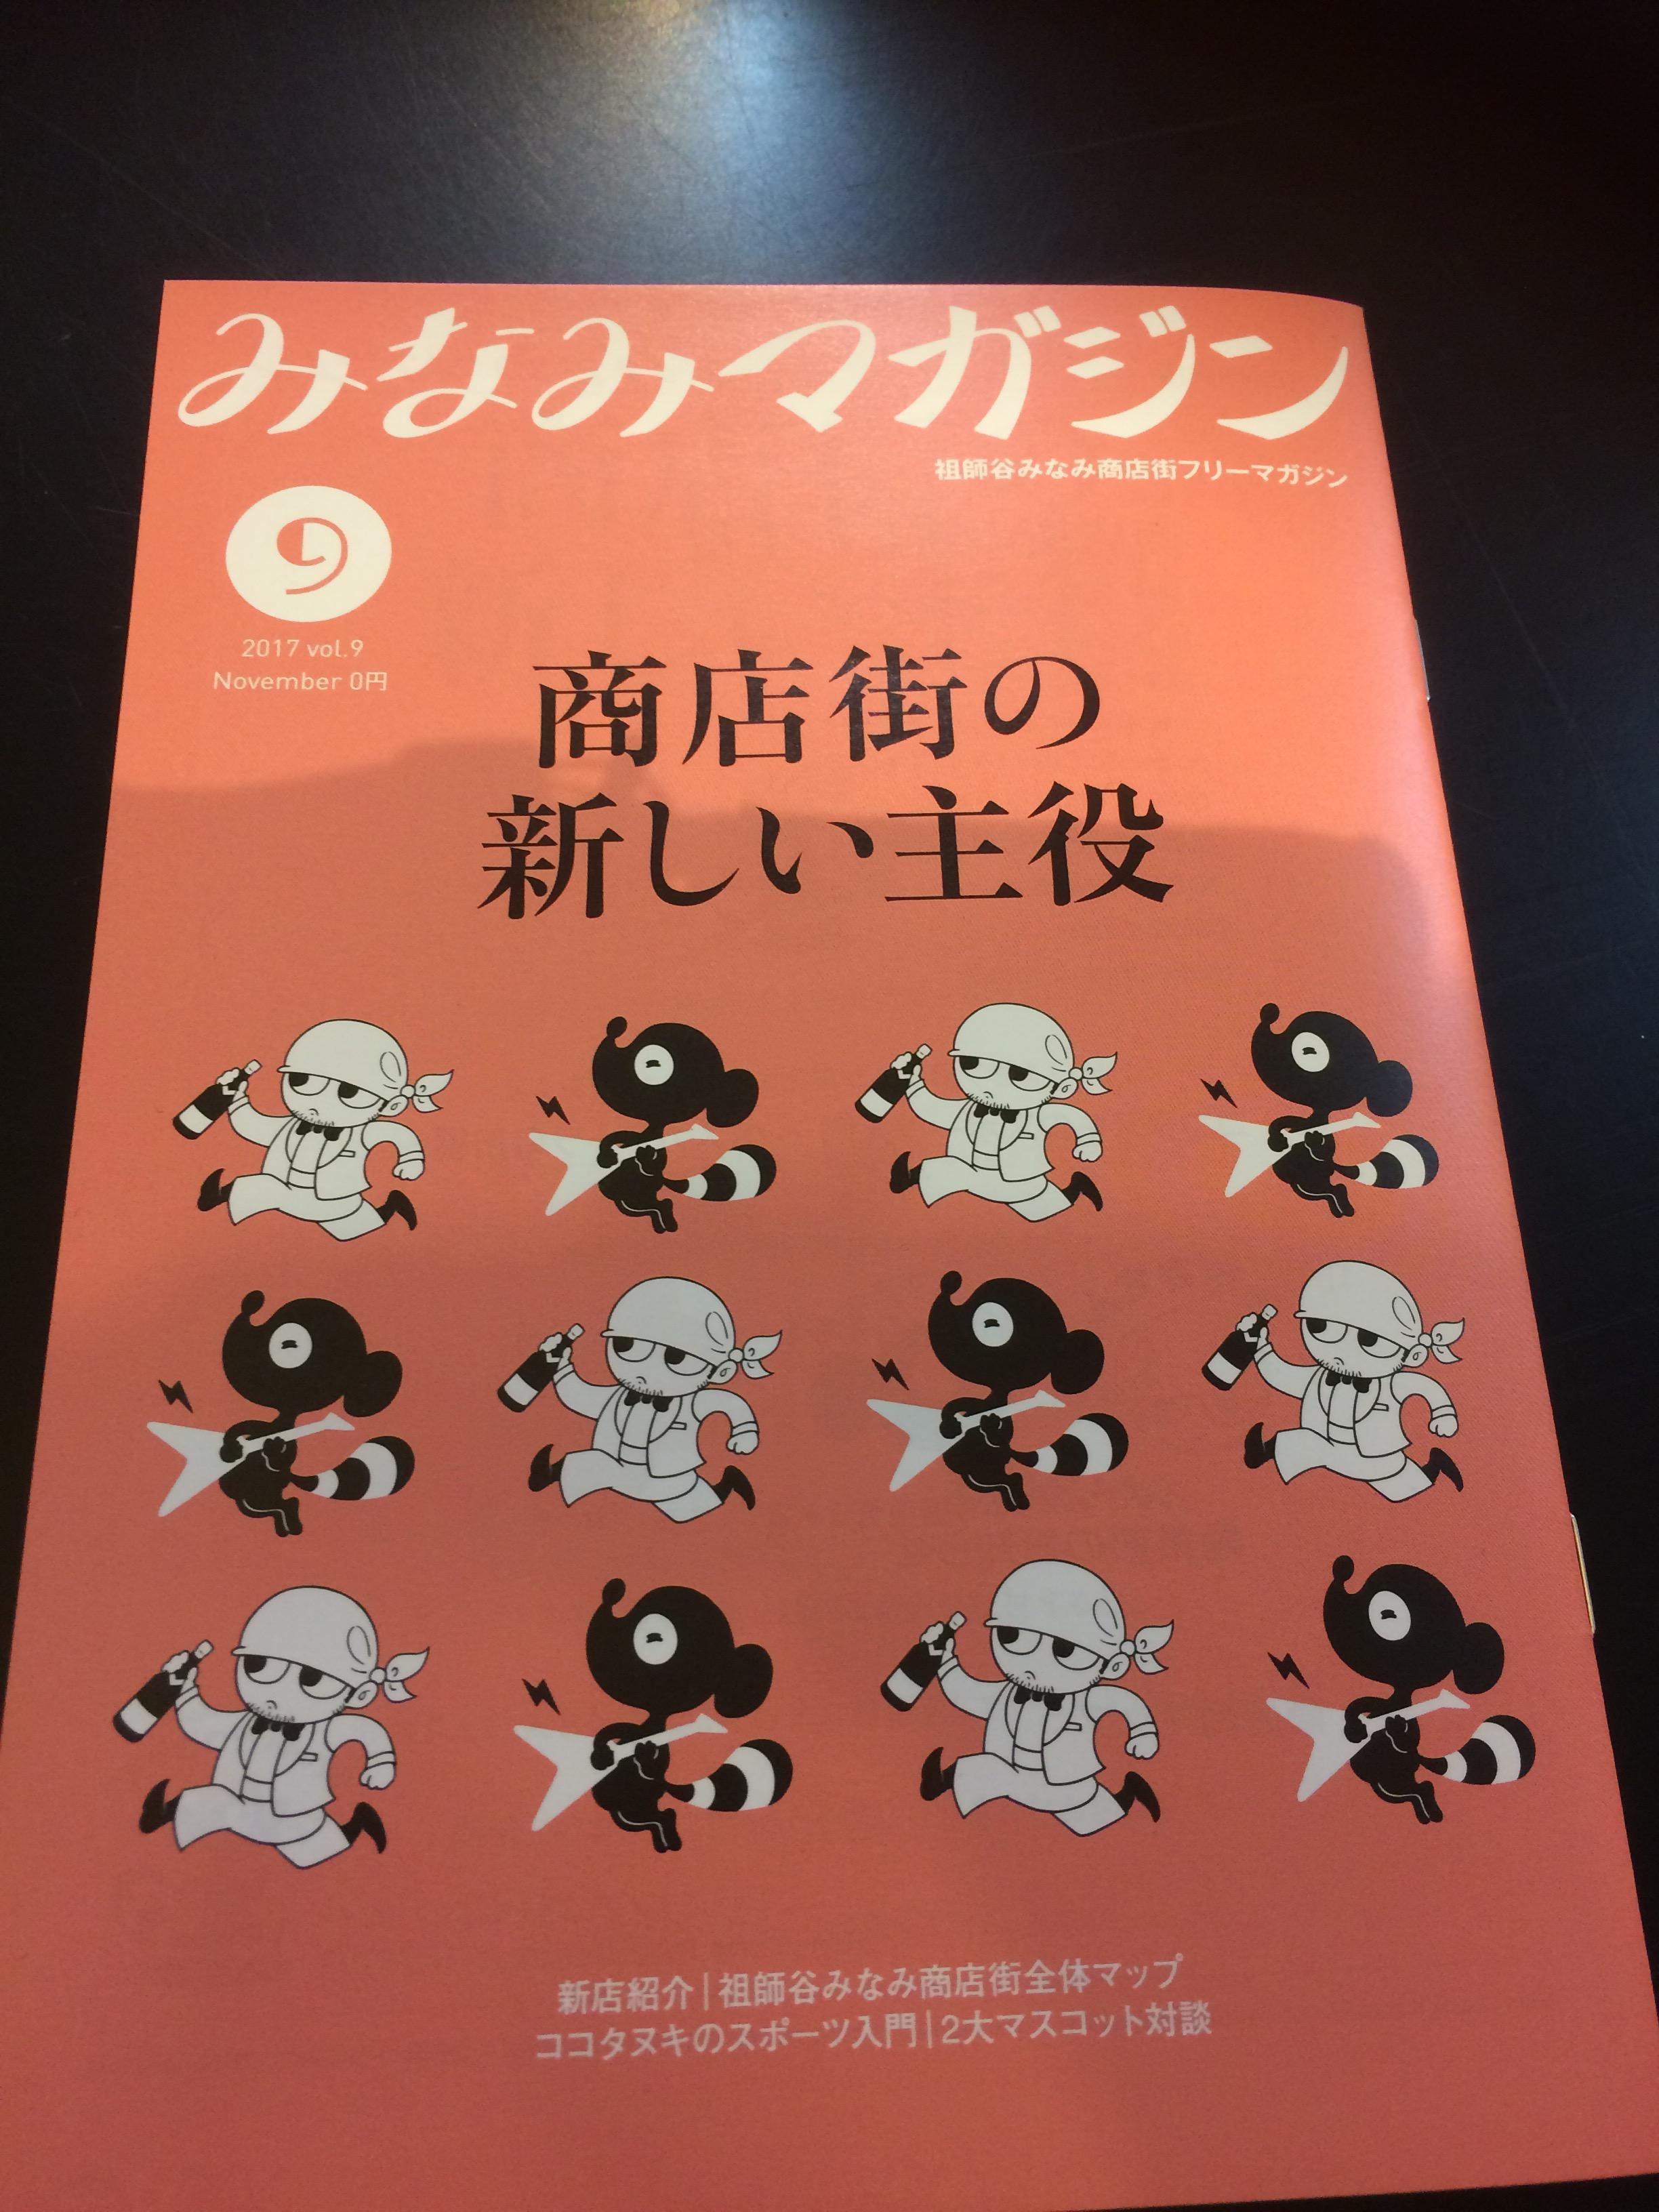 祖師ヶ谷南商店街のフリーマガジン「みなみマガジン」の表紙